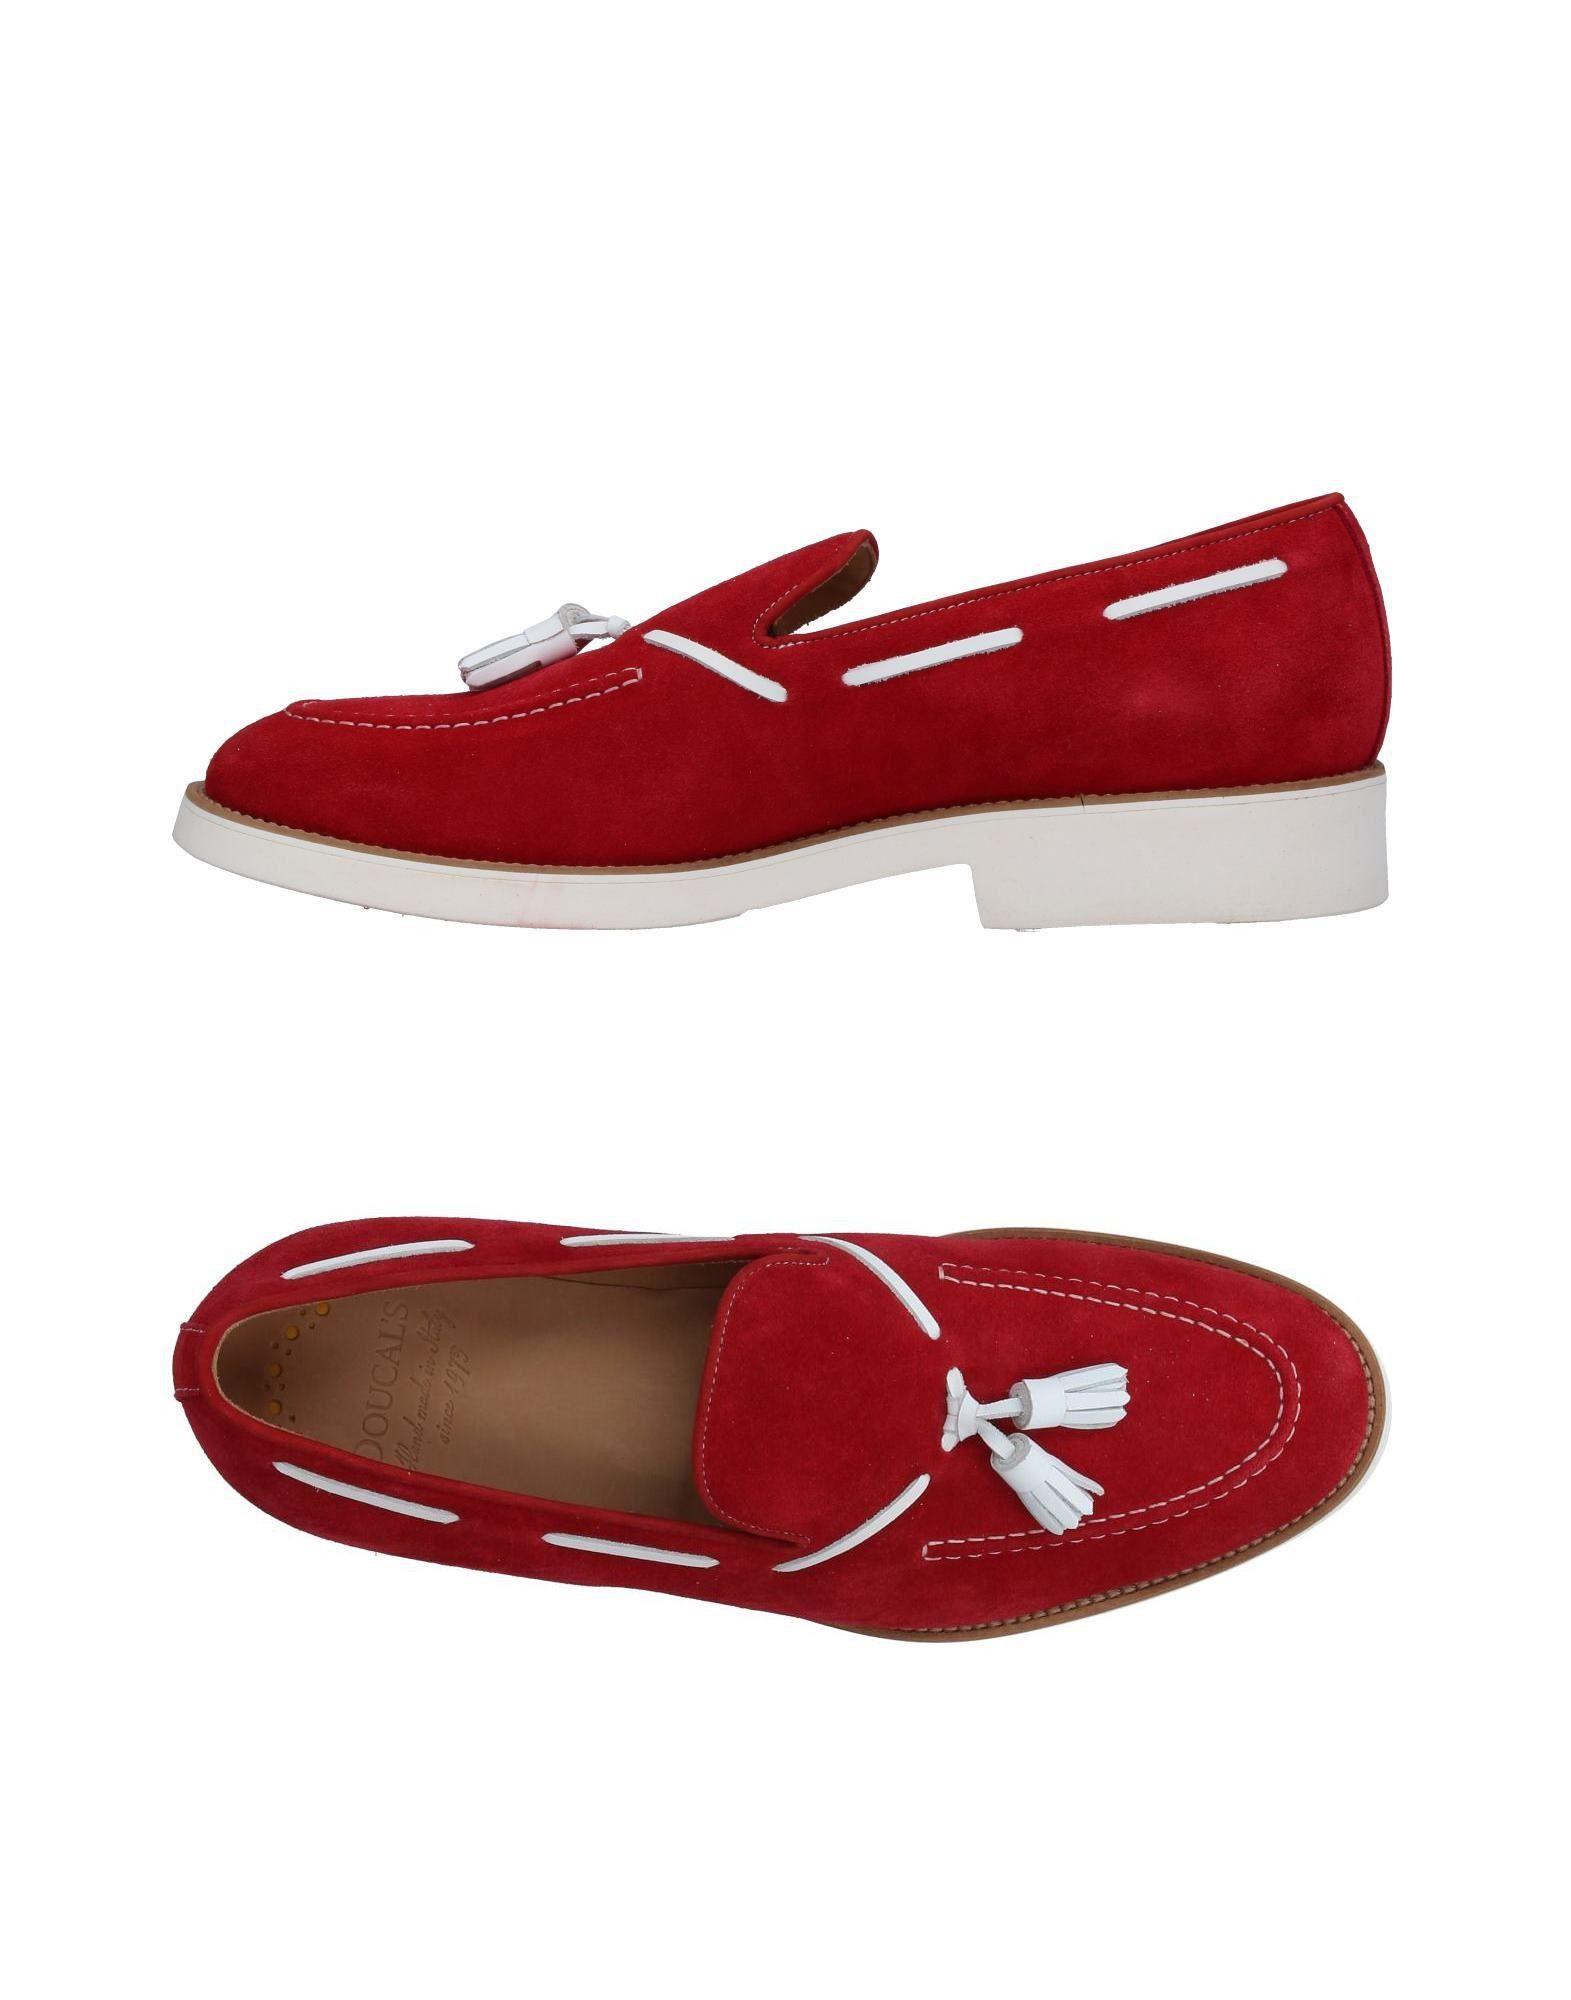 Sandali Antidoti Donna - 11379343KT Scarpe economiche e buone